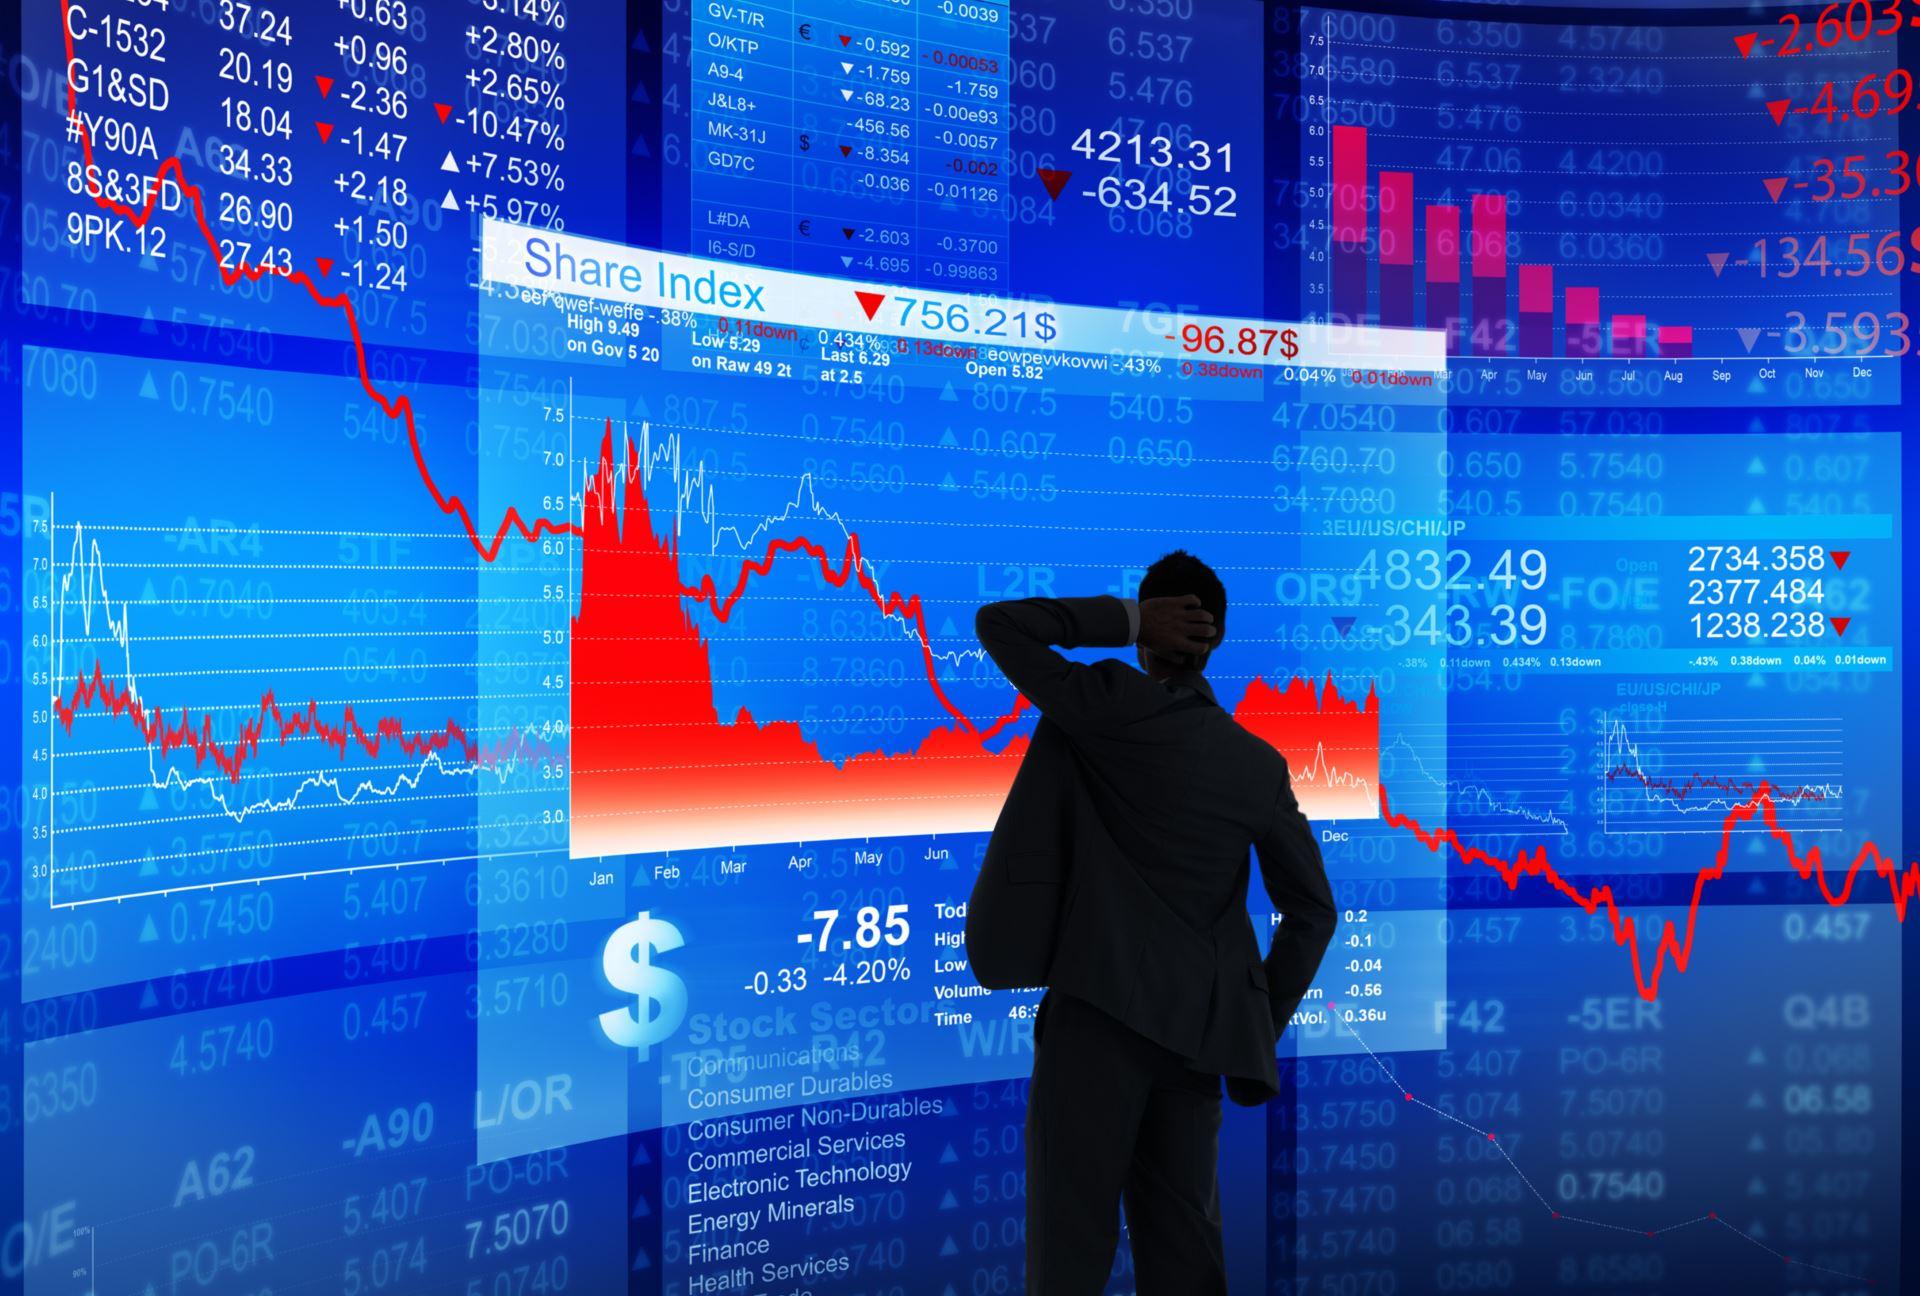 биржа торговля один день